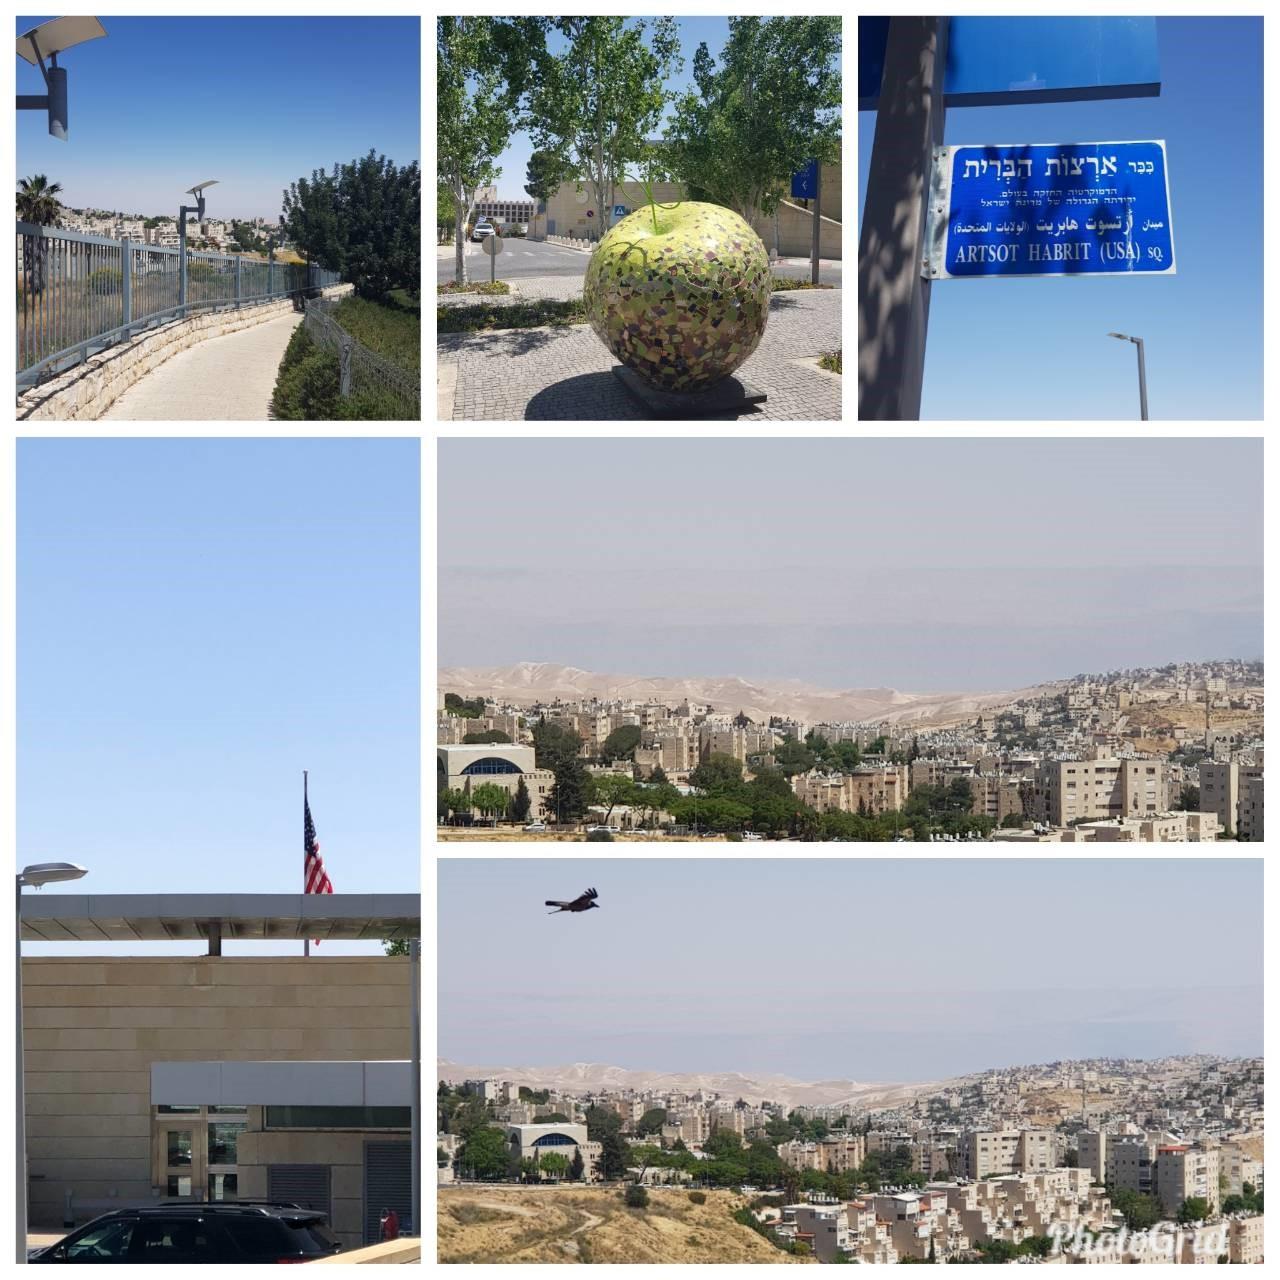 耶路撒冷全球華人敬拜中心(CANWF)於4月24日 先來到美國領事館為即將美國使館遷移此地平安守望。 上圖為走入使館區域內的樣貌,左下圖為美國大使館, 右下圖為美國使館遙望耶城美景。